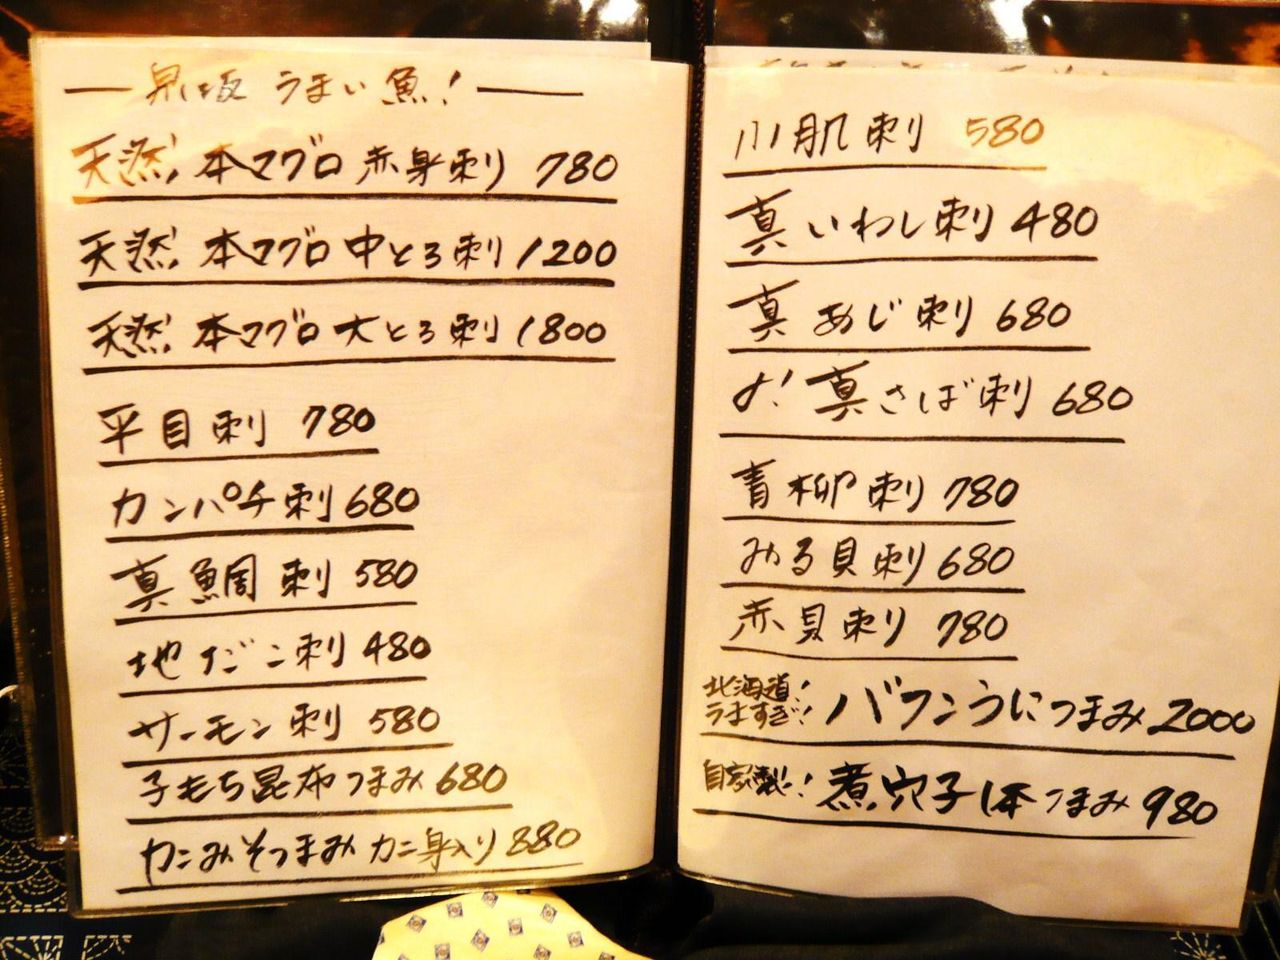 泉坂の刺身メニュー(23年3月現在)